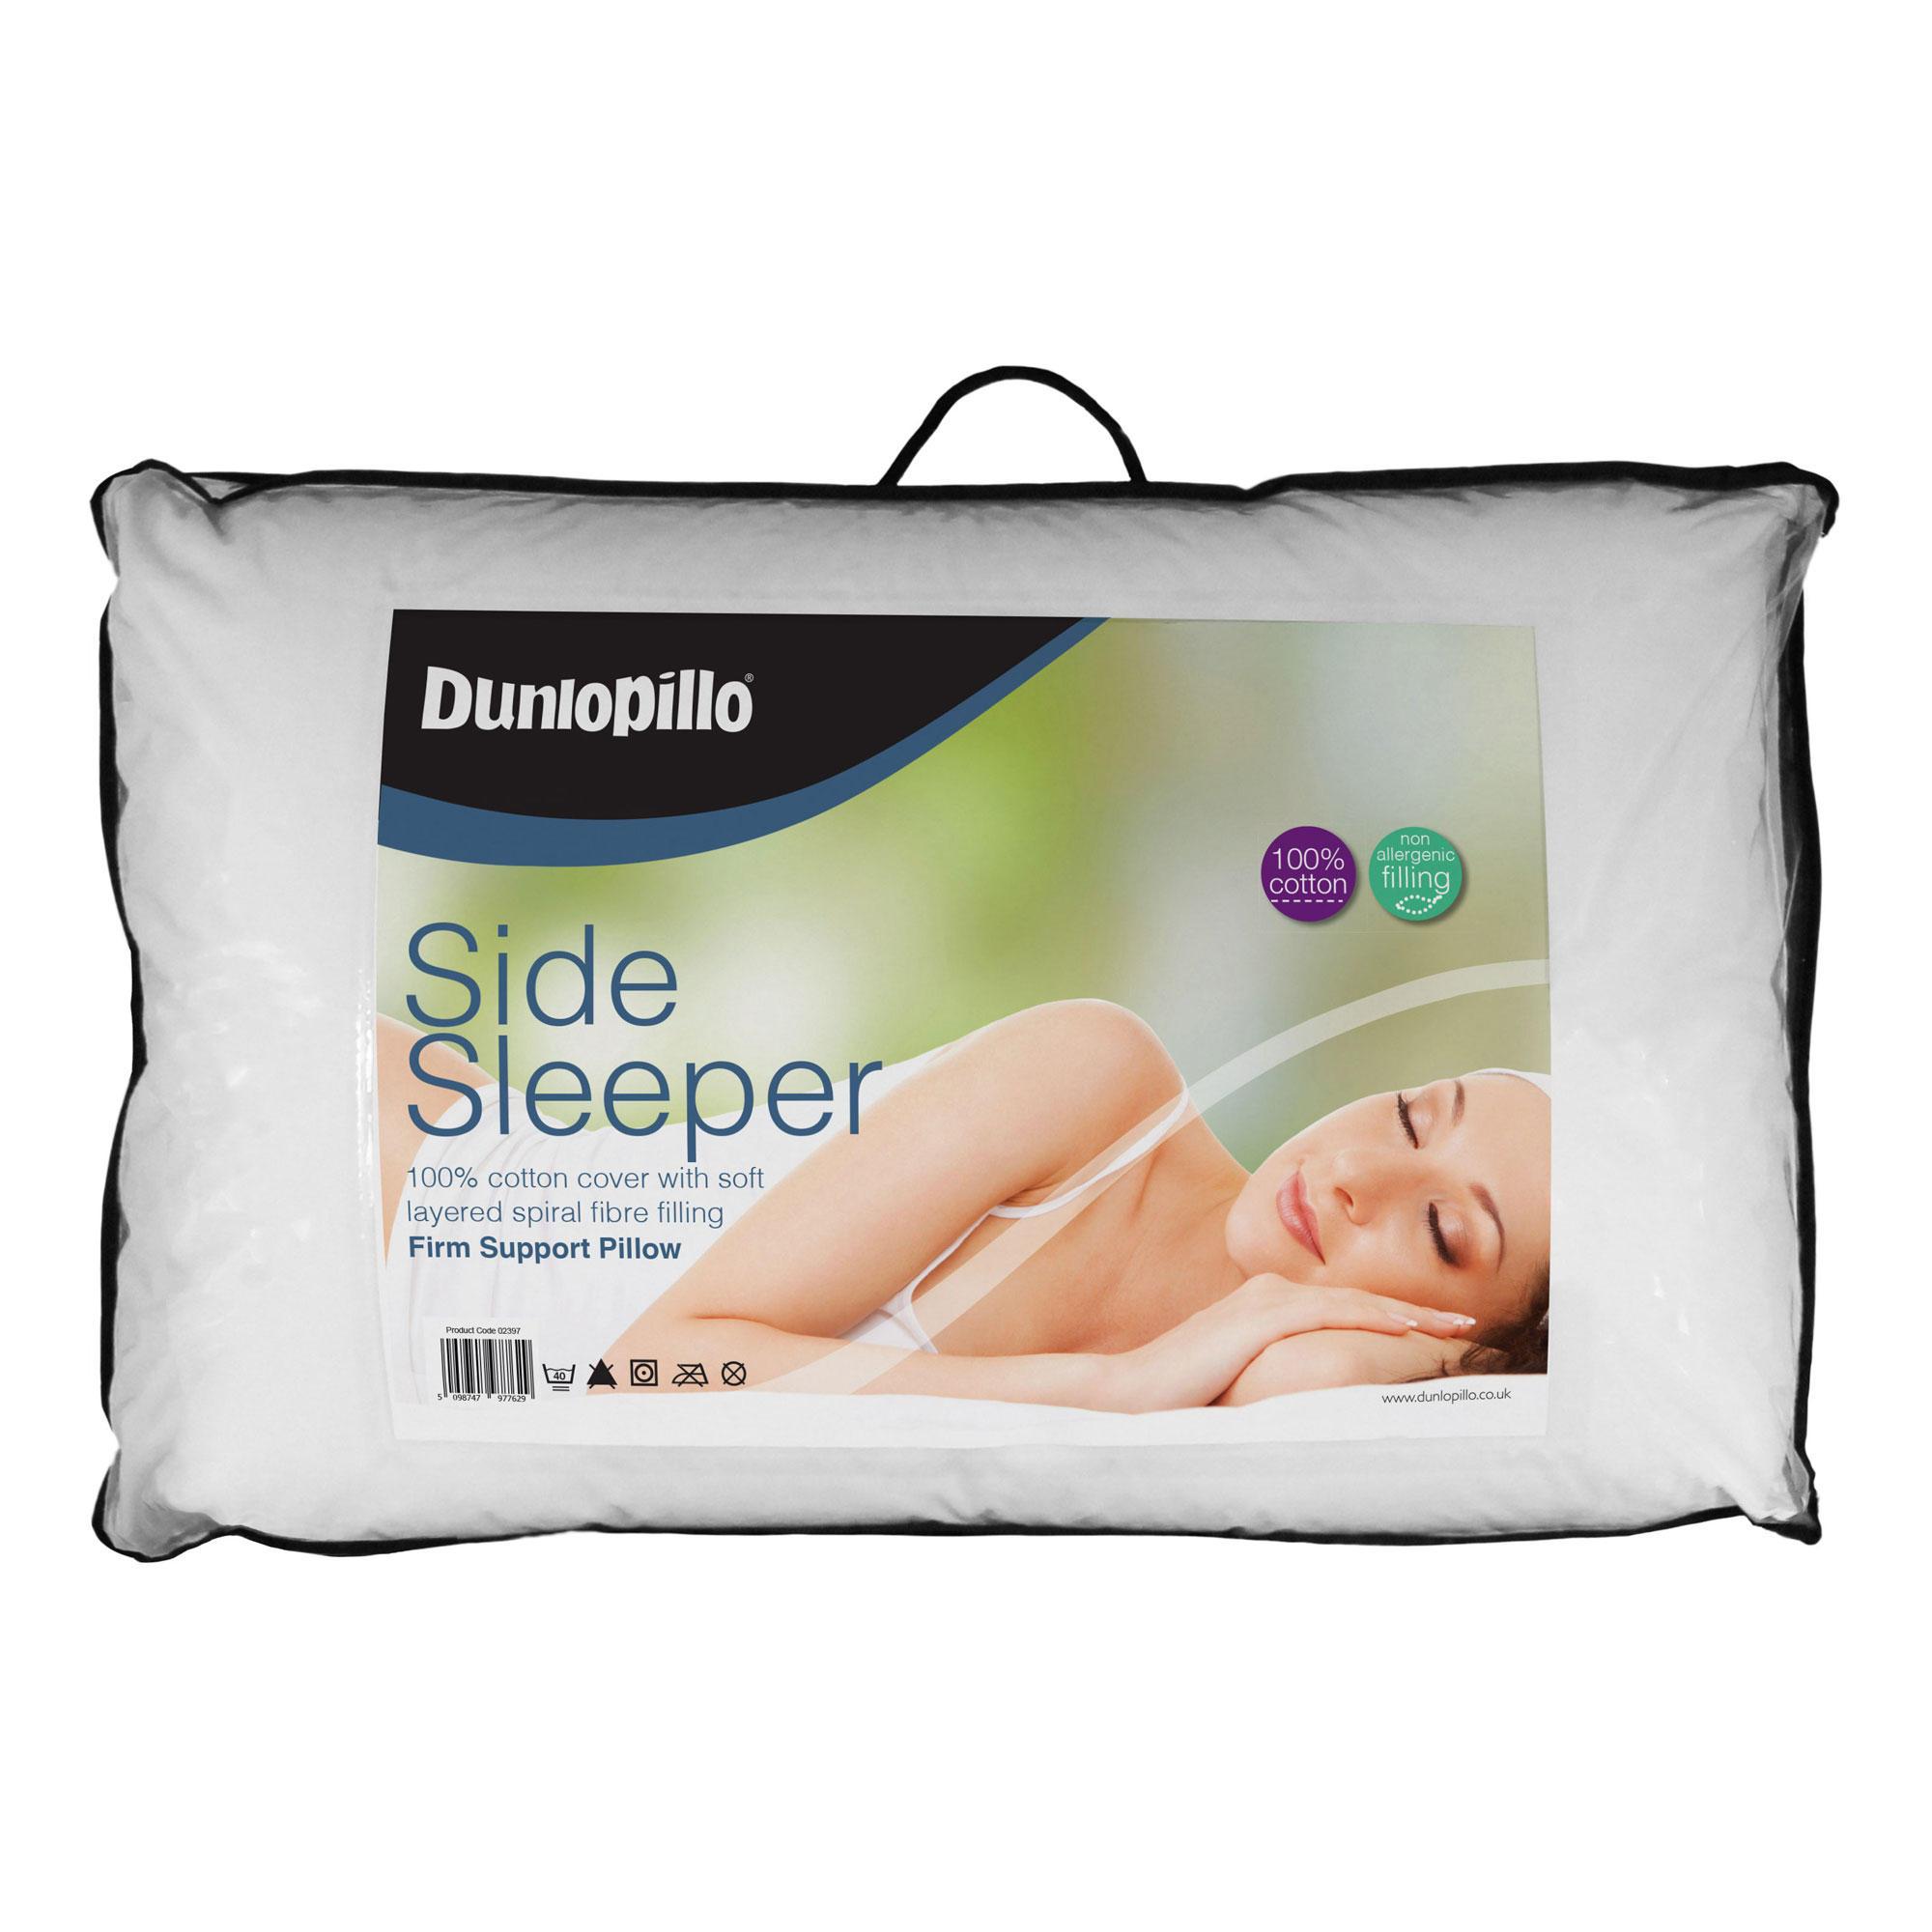 dunlopillo side sleeper pillow white